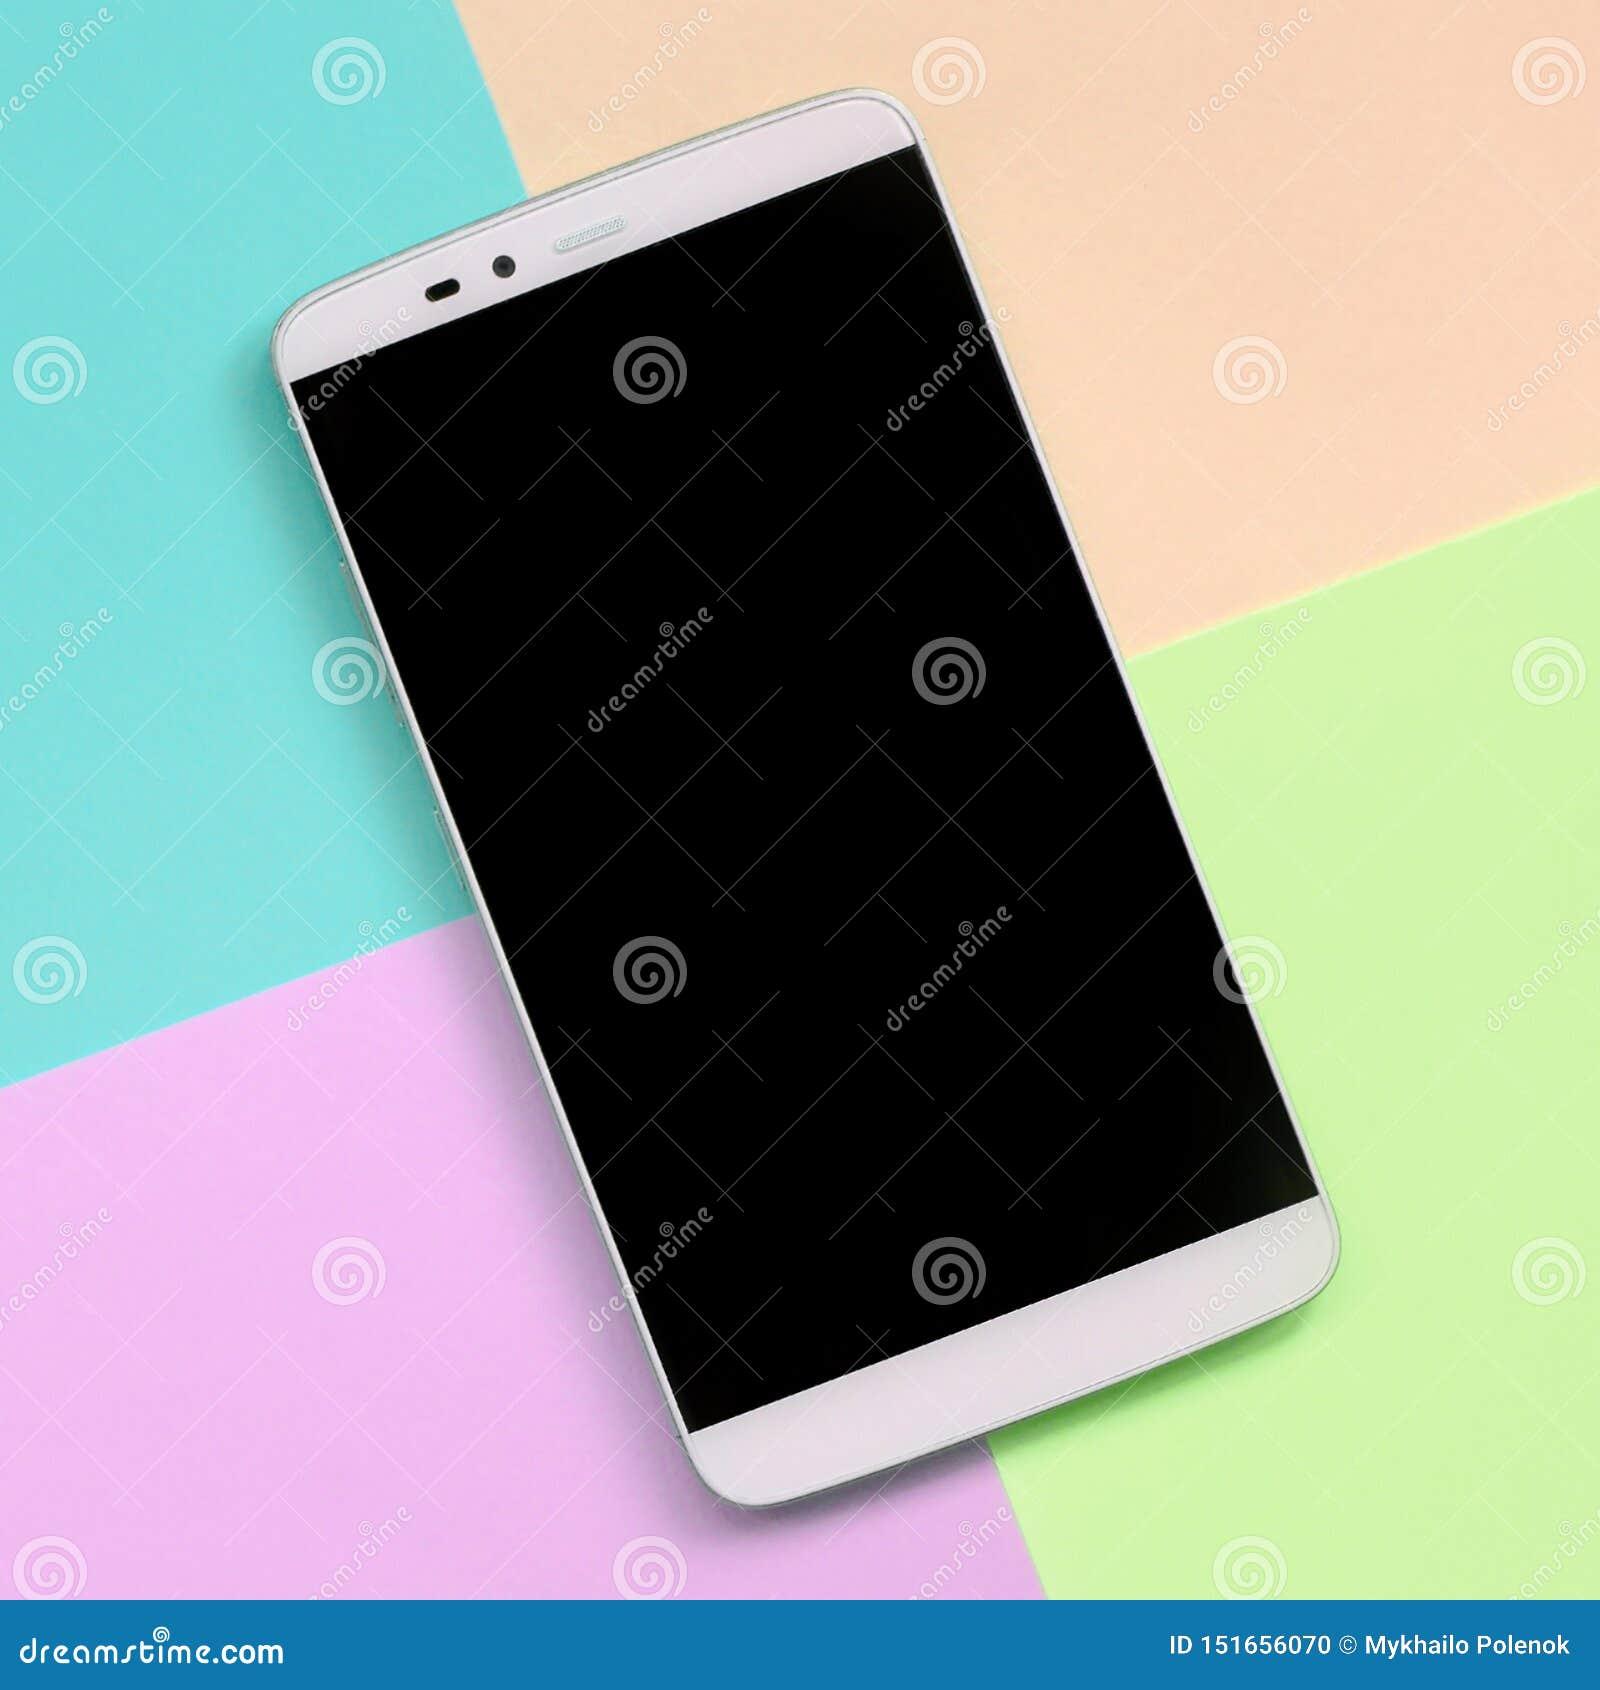 Moderner Smartphone mit schwarzem Schirm auf Beschaffenheitshintergrund von Moderosa, Blauen, korallenroten und Kalkpastellfarben